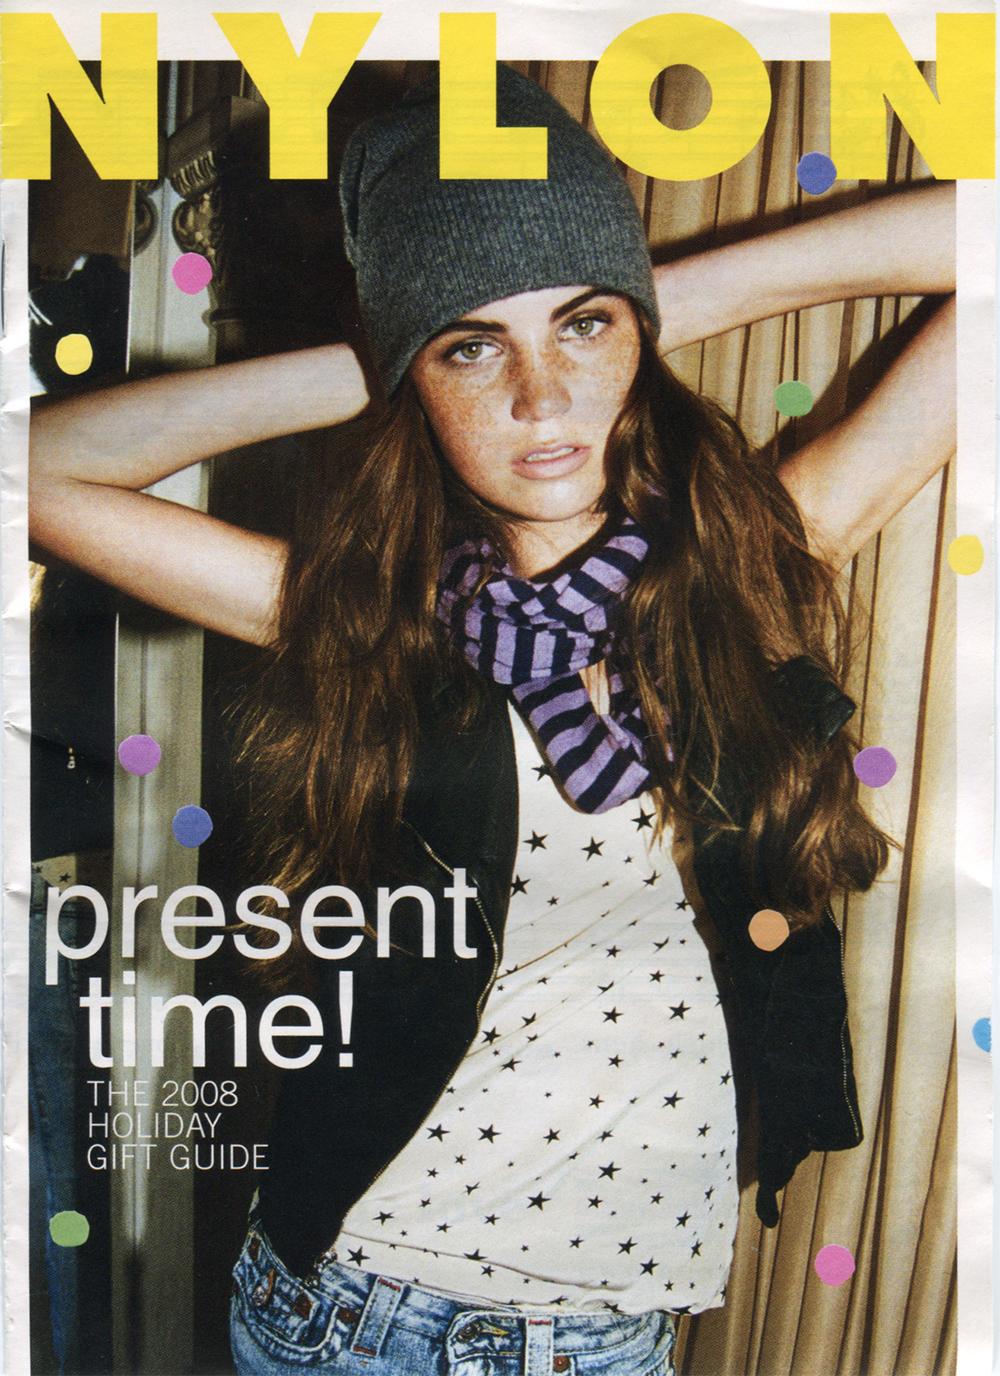 Nylon Magazine gift guide for 2009.